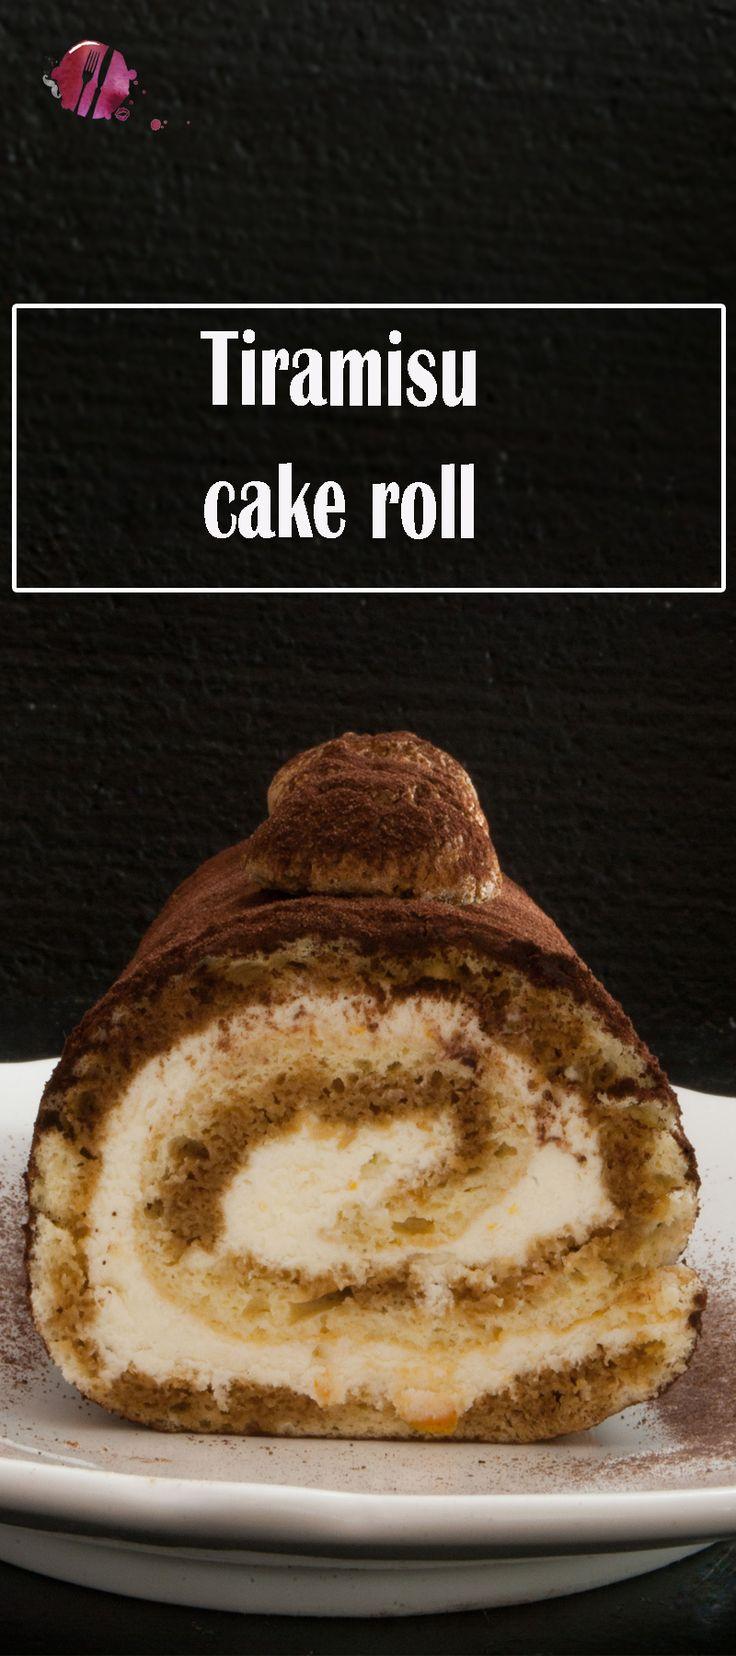 Eine Tiramisu cake roll ohne rohe Eier. Mit diesem Rezept für die Tiramisu Roulade ist das möglich.